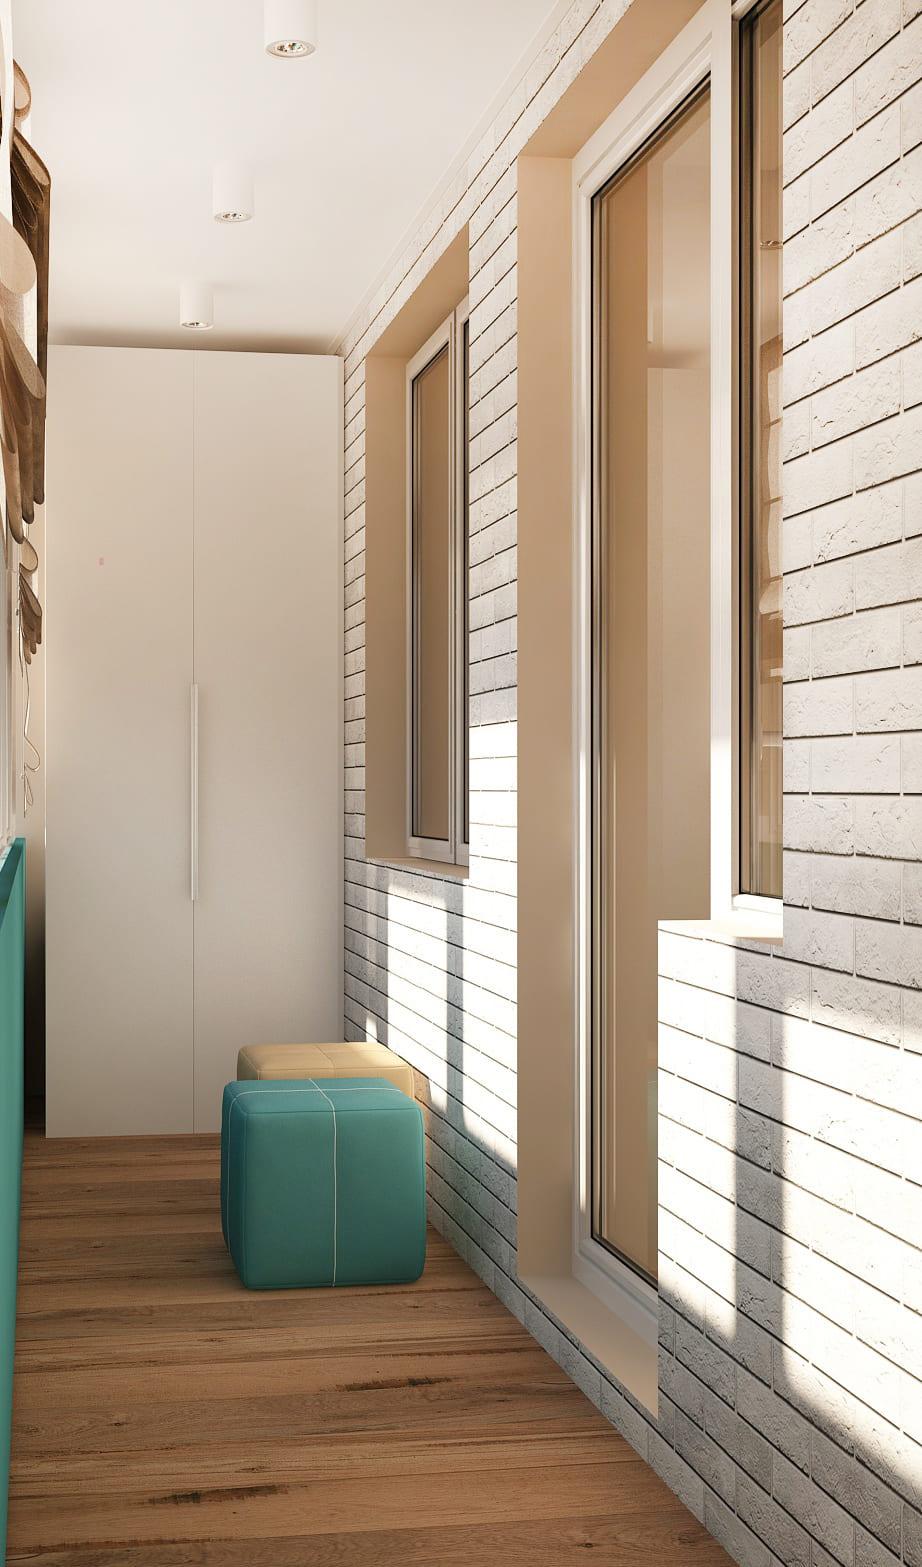 Дизайн-проект лоджии в бирюзовых оттенках 6 кв.м, белый шкаф, бирюзовый пуф, ламинат, накладные светильники